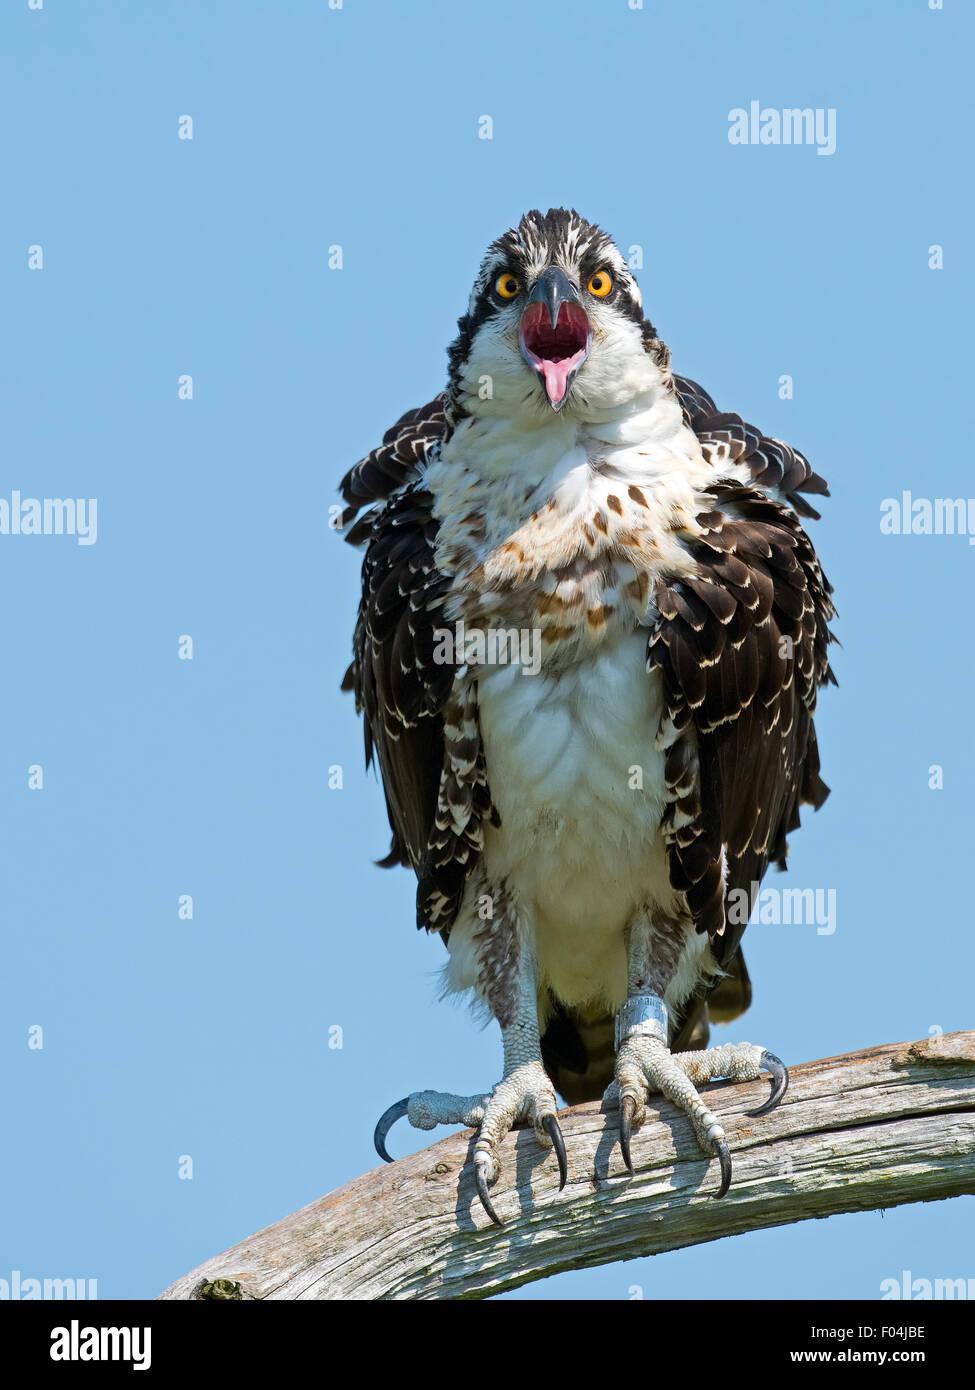 I capretti Osprey seduto in un albero bocca aperta con la lingua fuori Immagini Stock